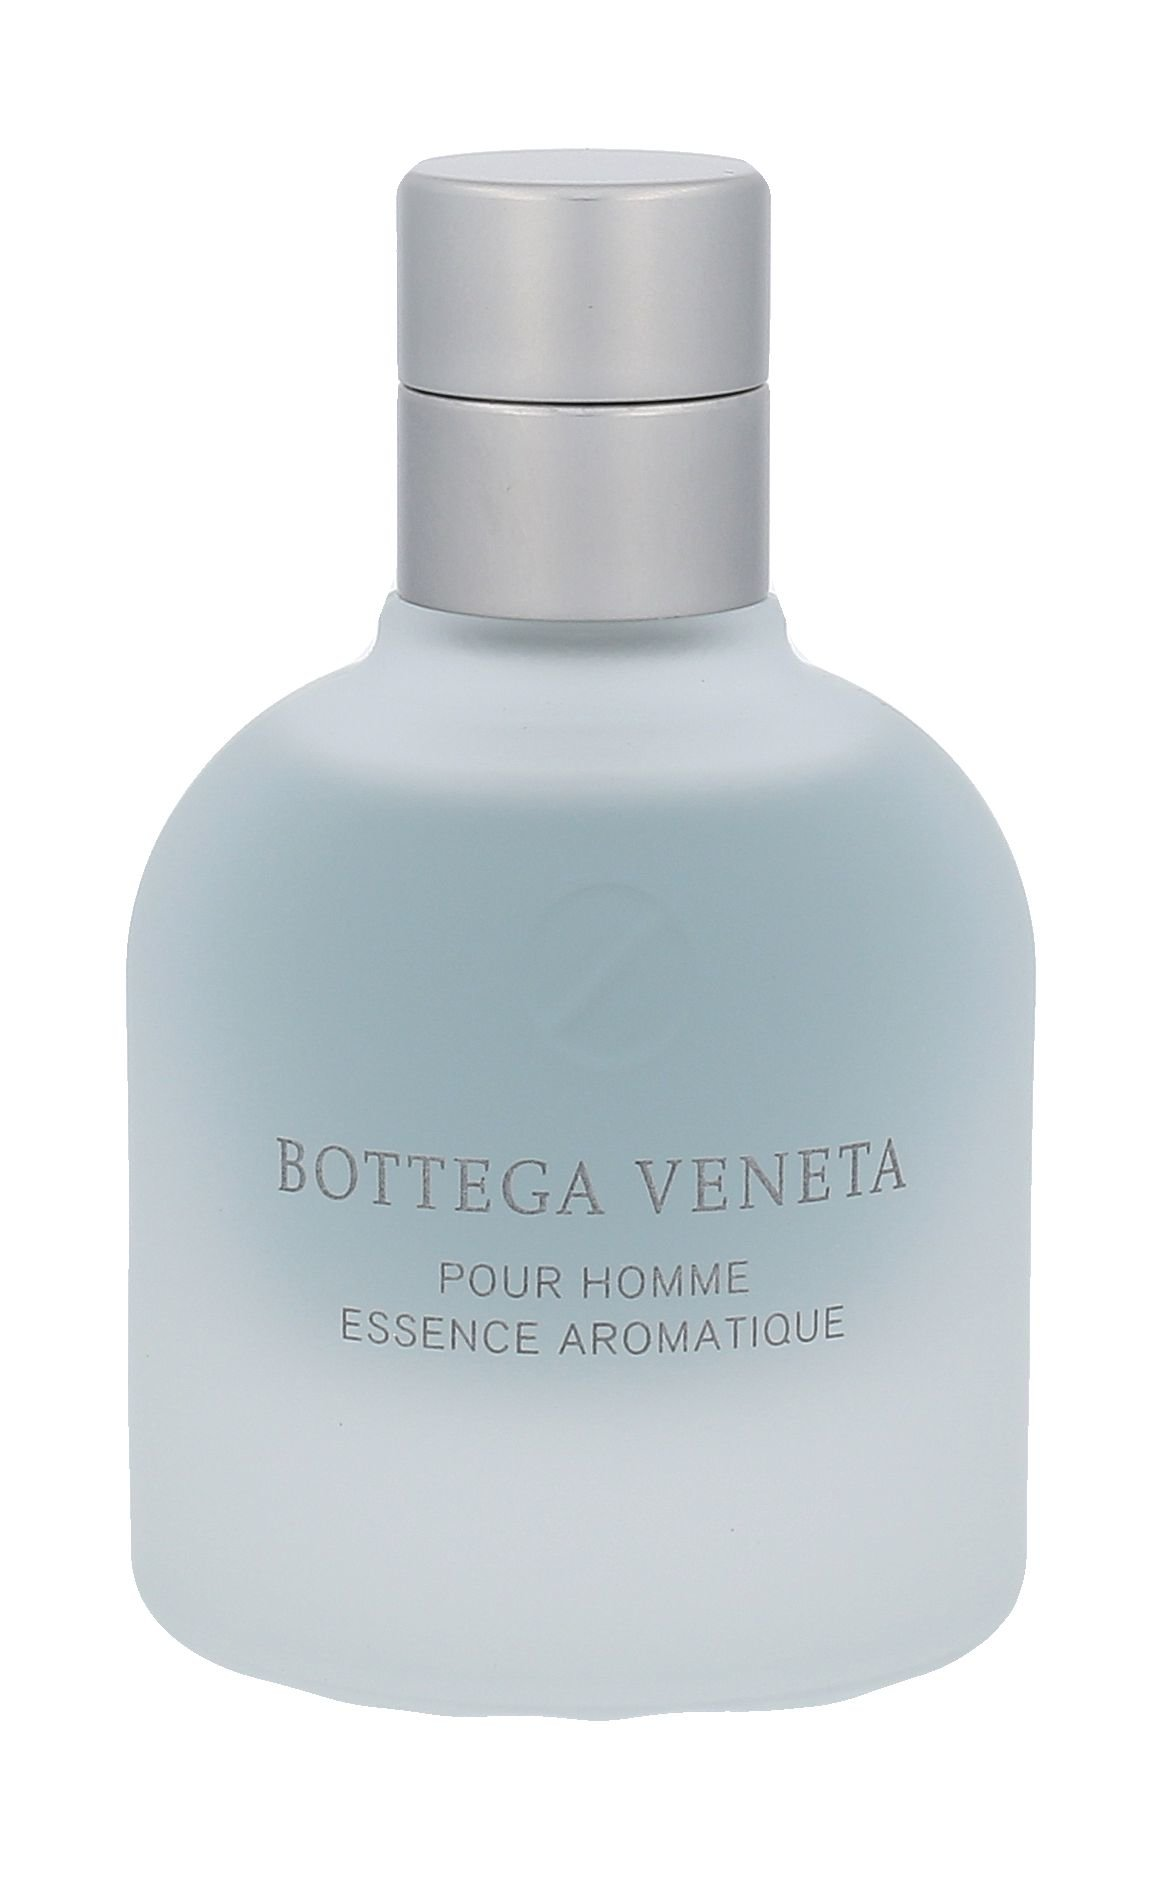 Bottega Veneta Bottega Veneta Cologne 50ml  Pour Homme Essence Aromatique